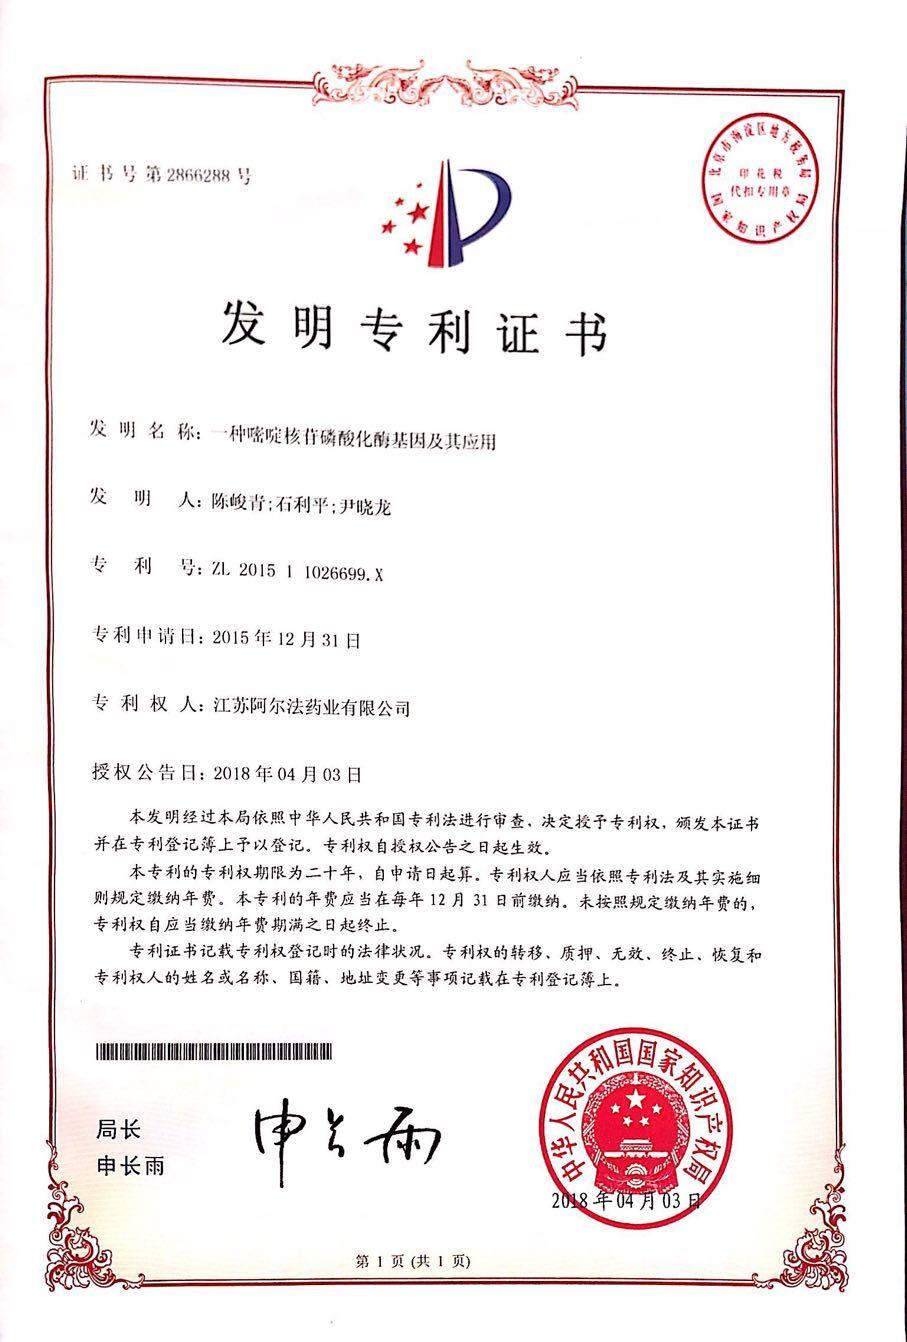 荣誉-专利-21.一种嘧啶核苷磷酸化酶基因及其应用